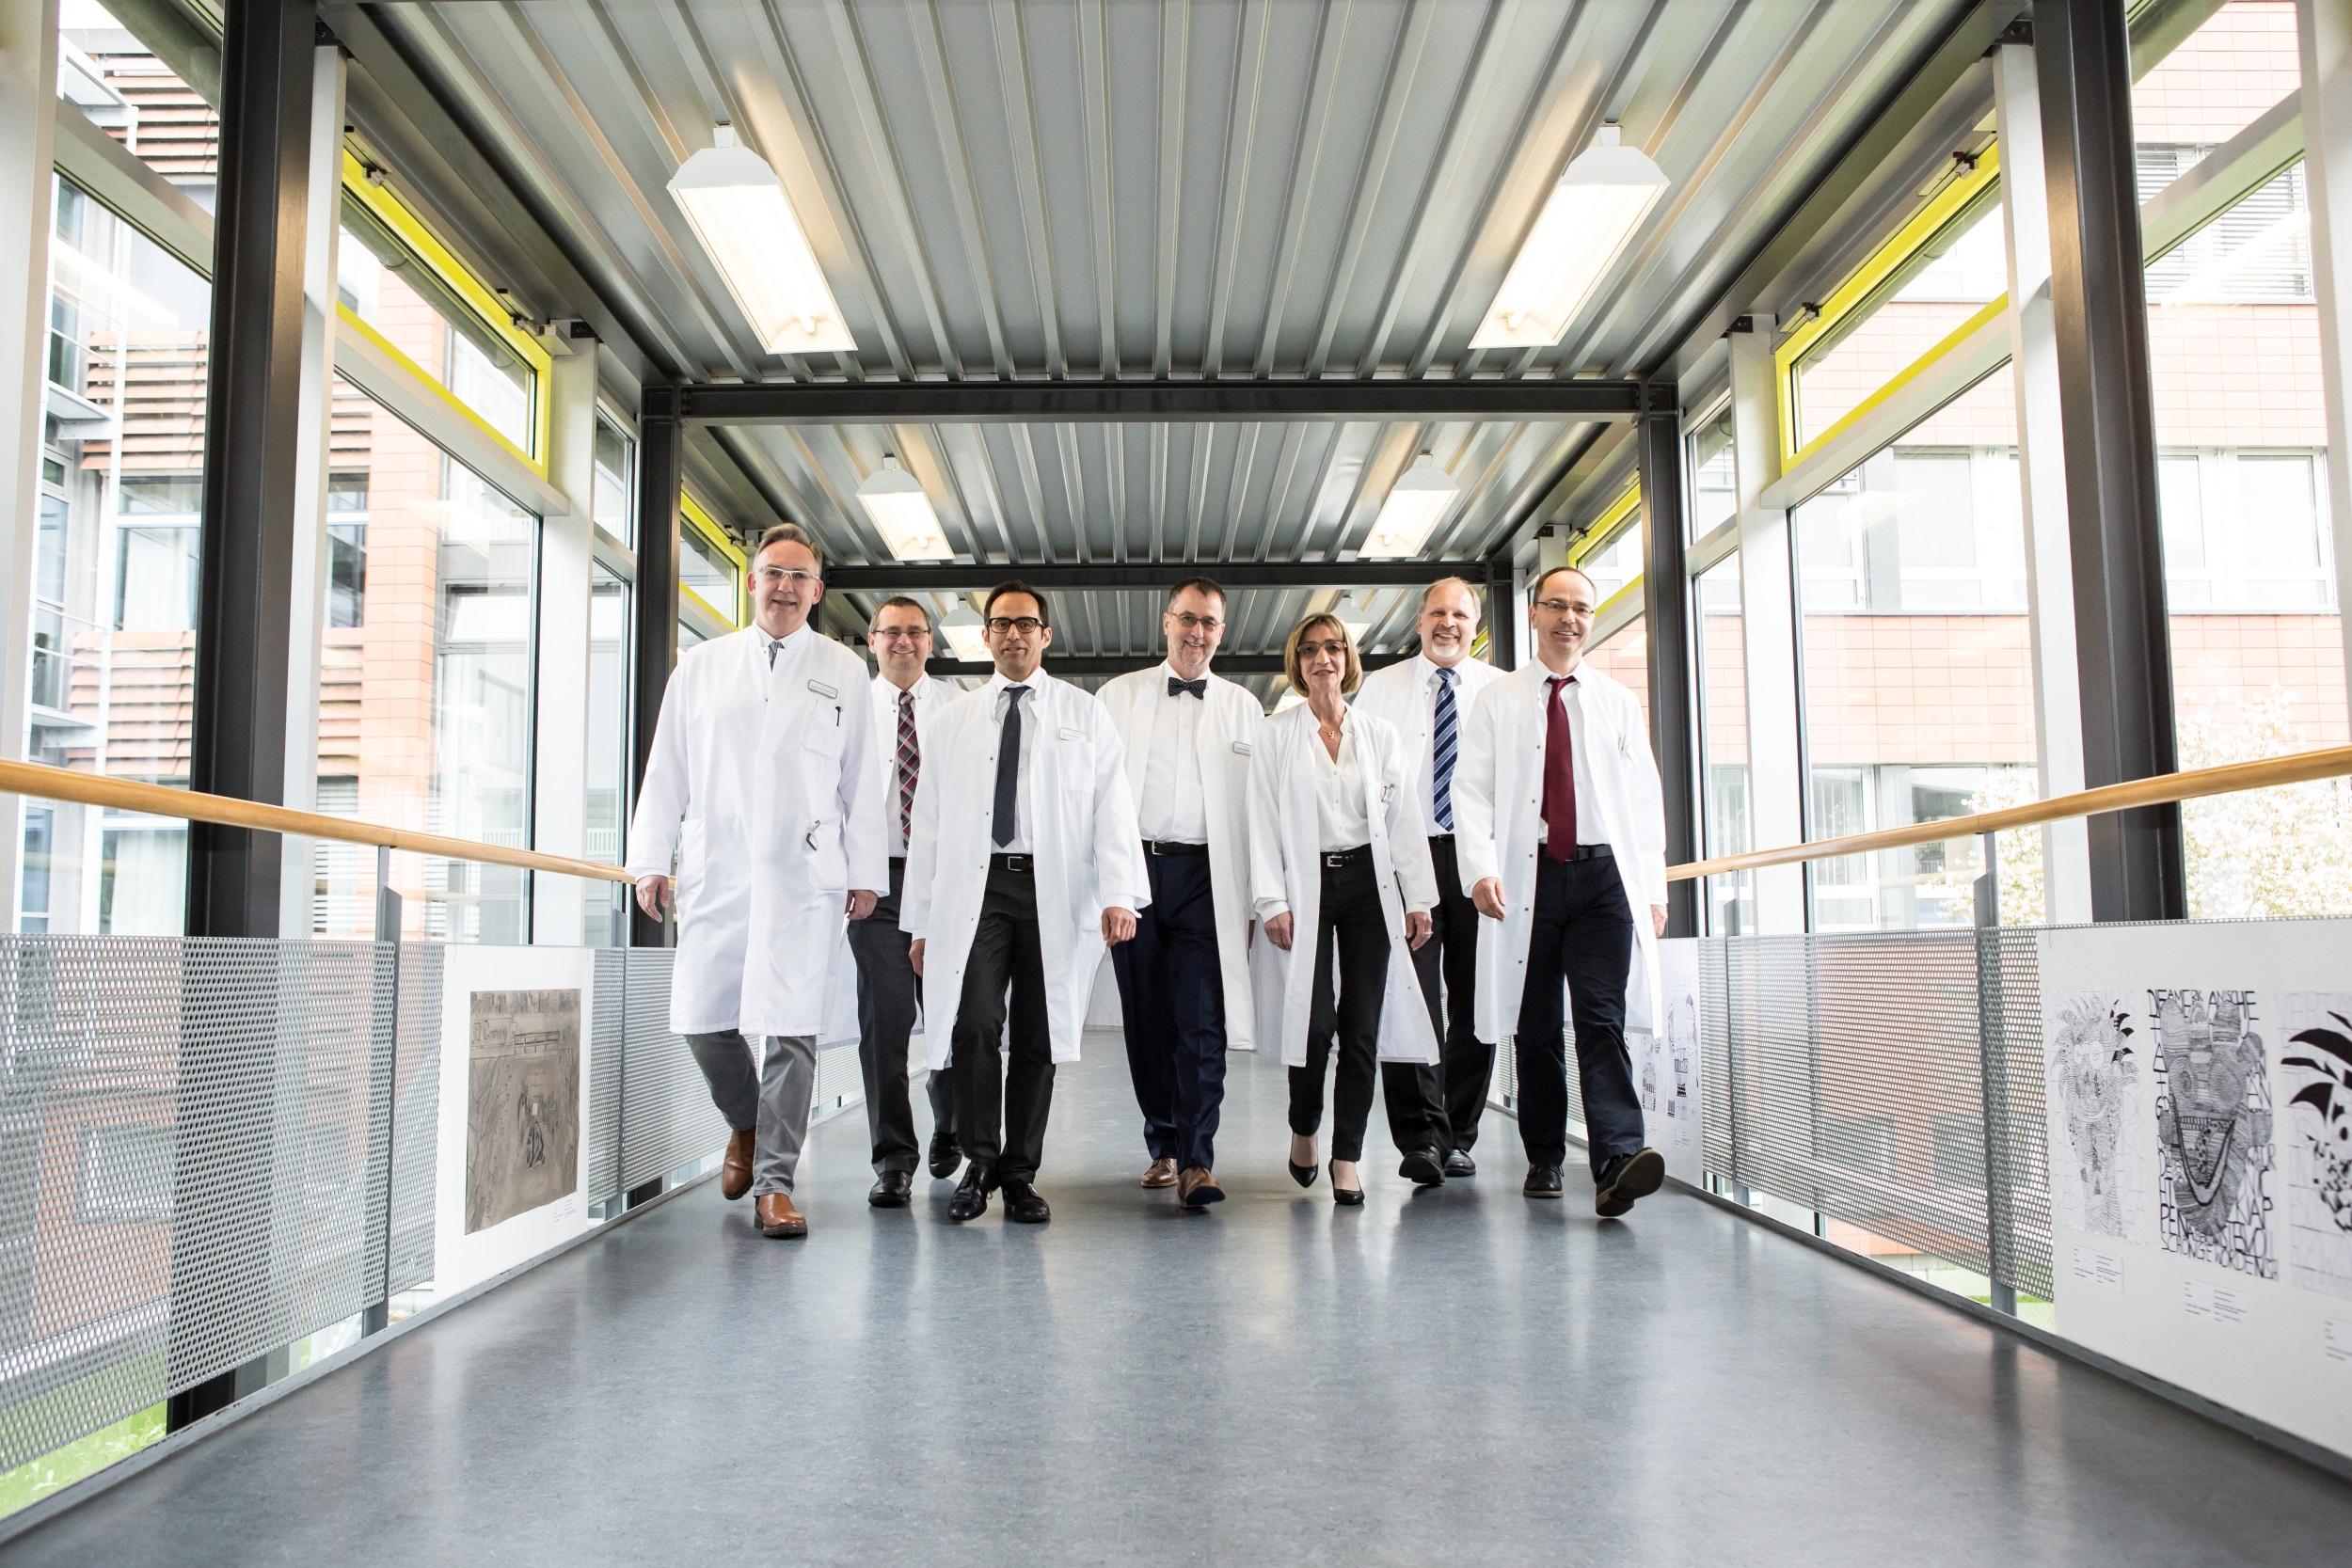 Treffpunkt Medizin, Buchen, Neckar-Odenwald-Kliniken